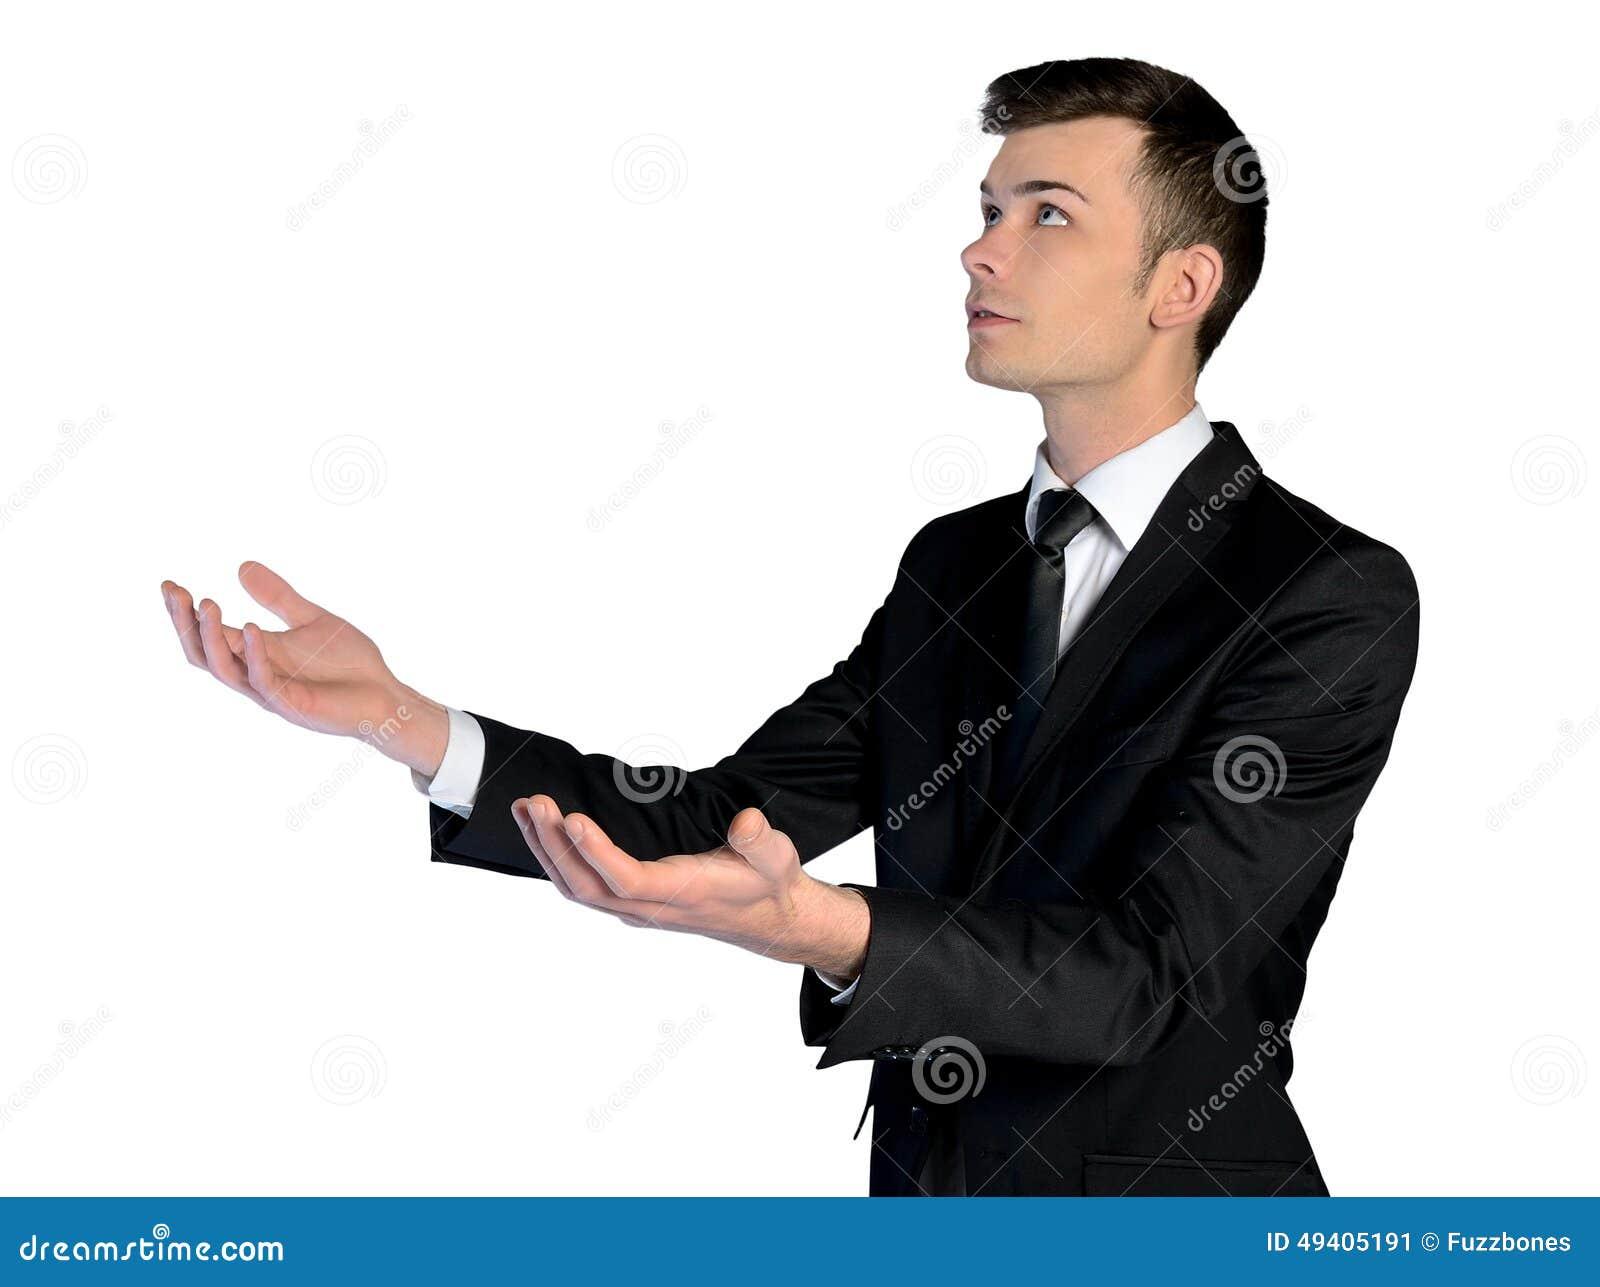 Download Offene Hände Des Geschäftsmannes Stockbild - Bild von hand, geben: 49405191